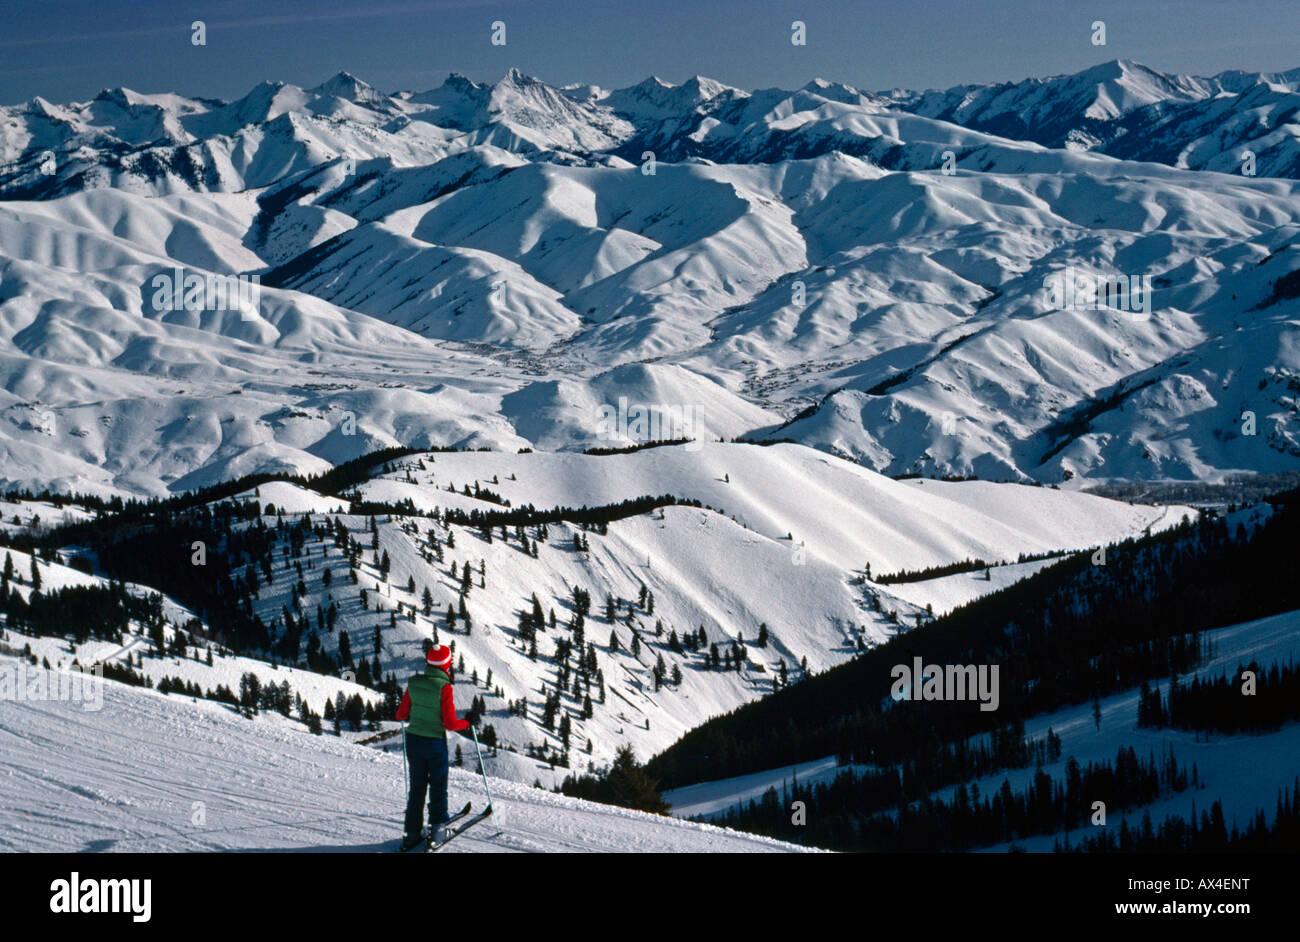 Skier at viewpoint, Sun Valley, Idaho - Stock Image